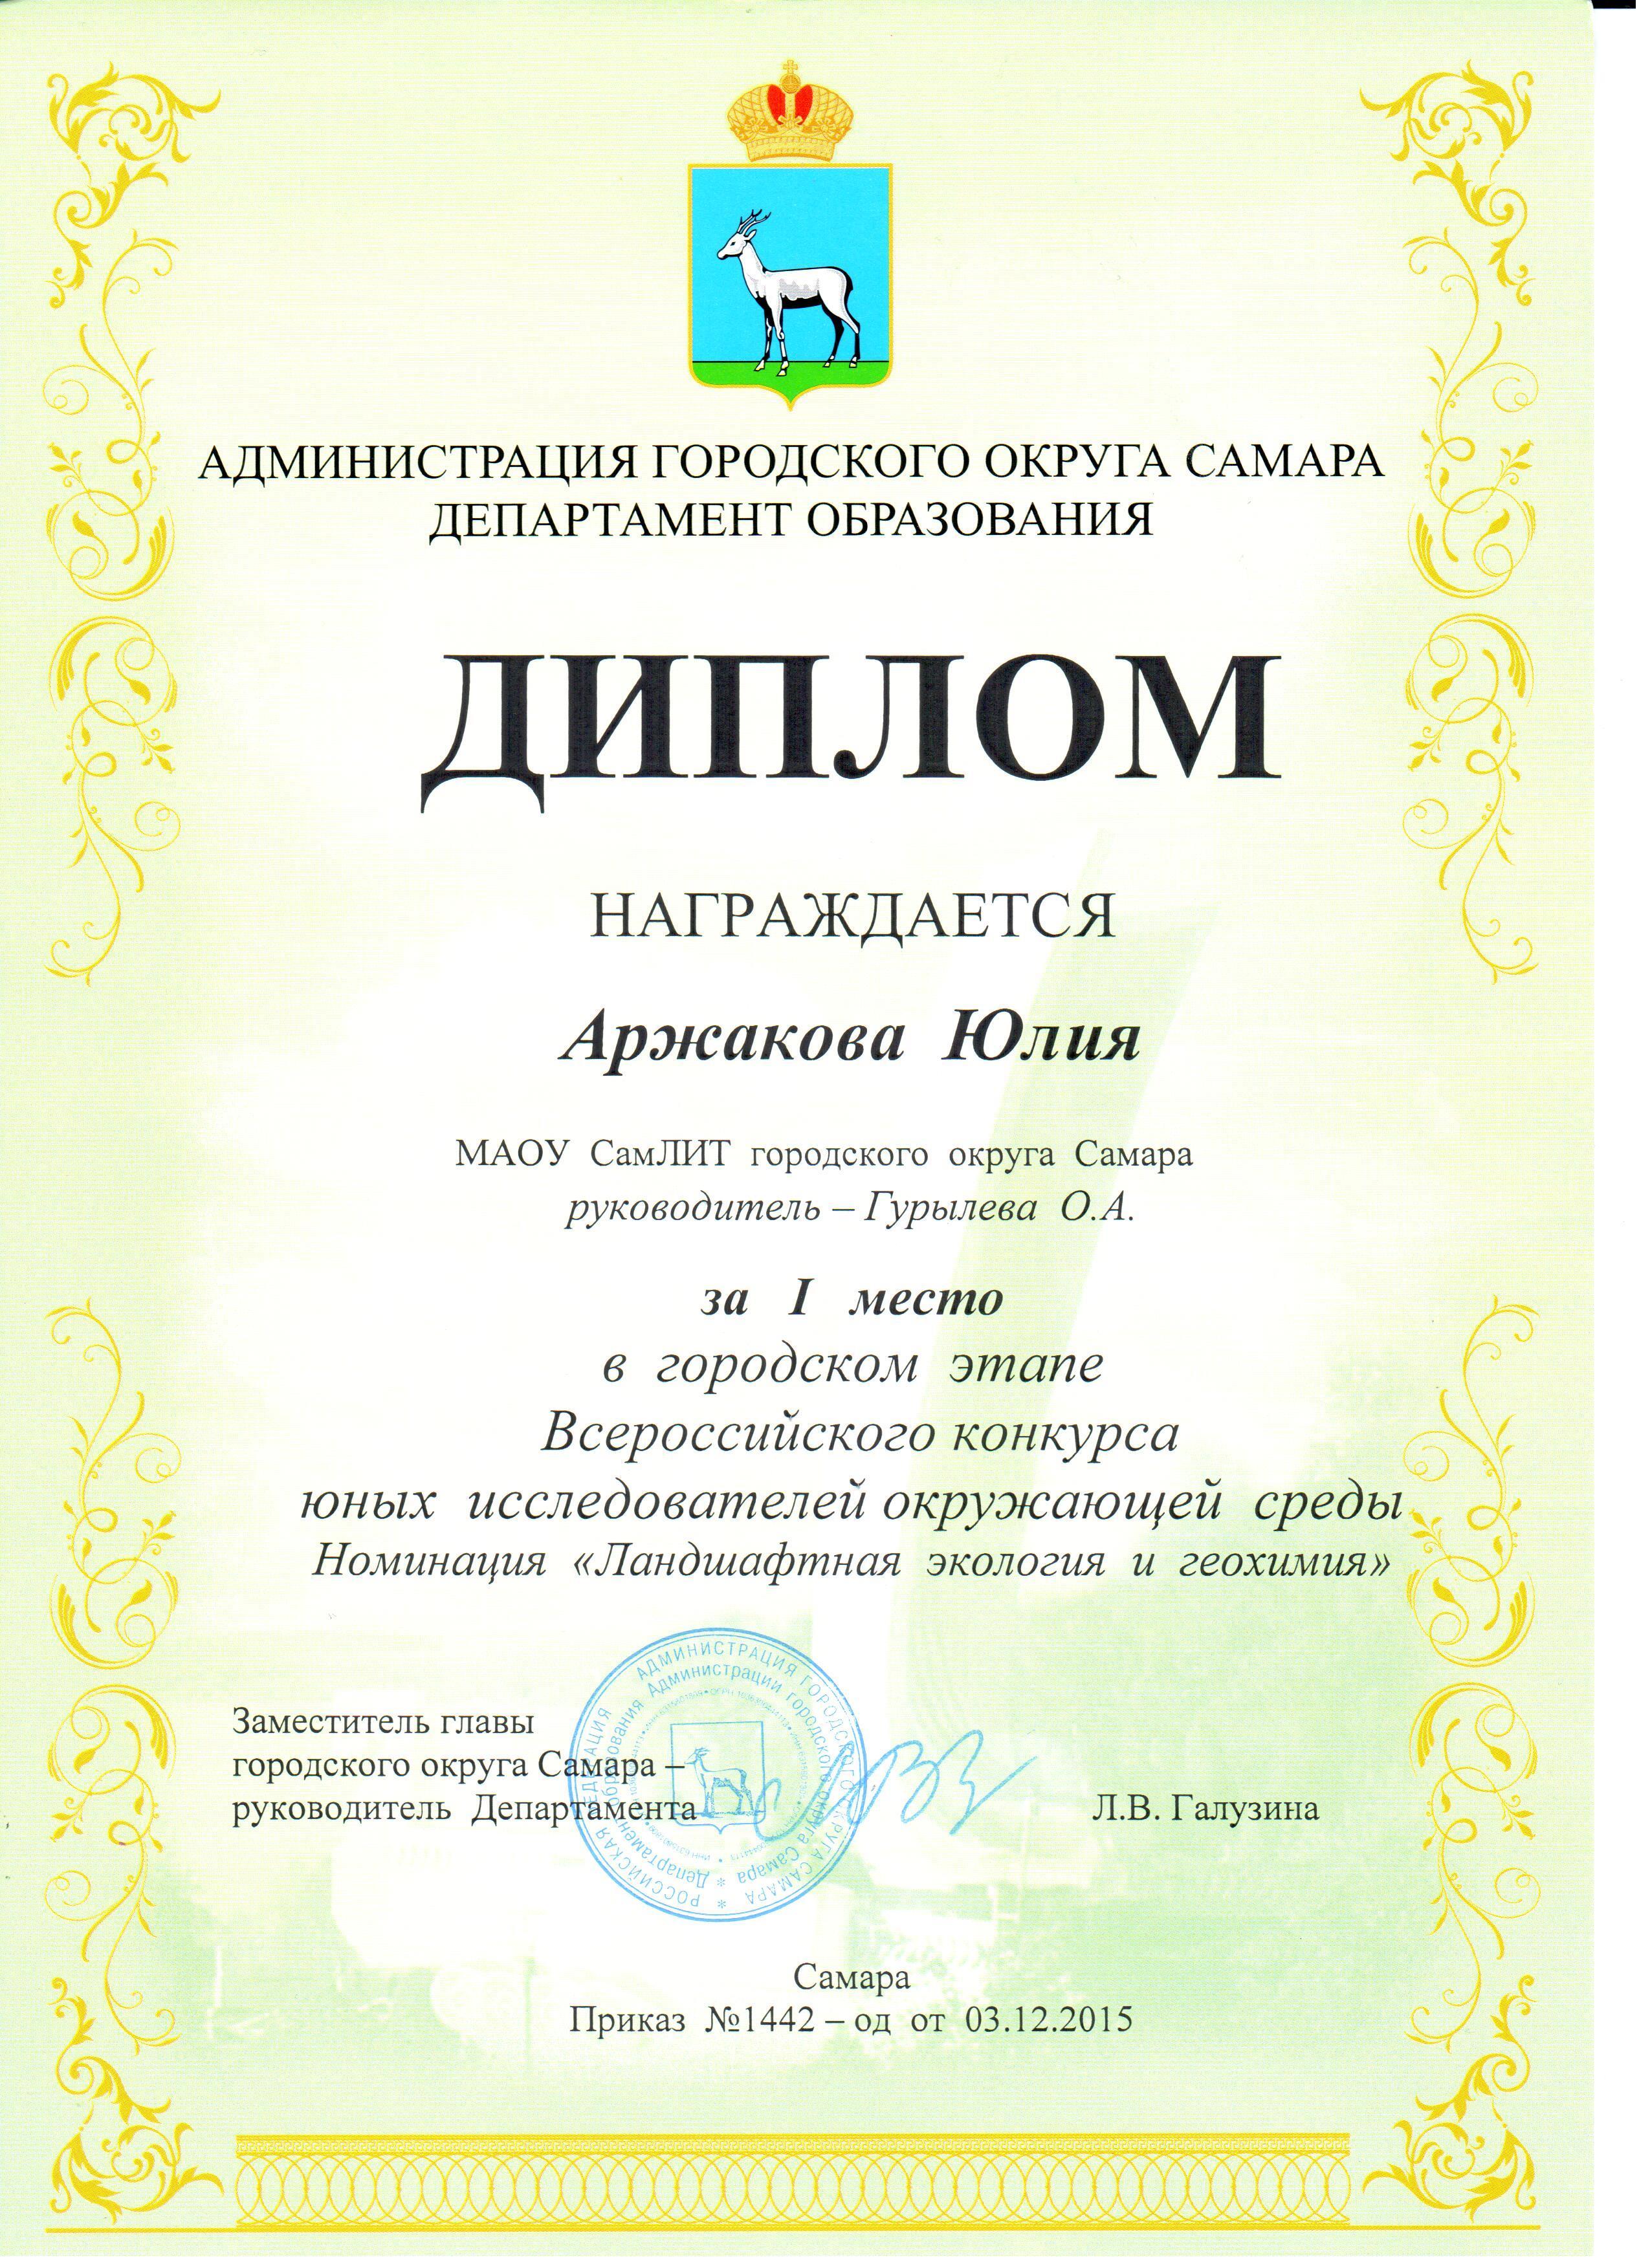 Всероссийский конкурс юных исследователей окружающей среды 2018